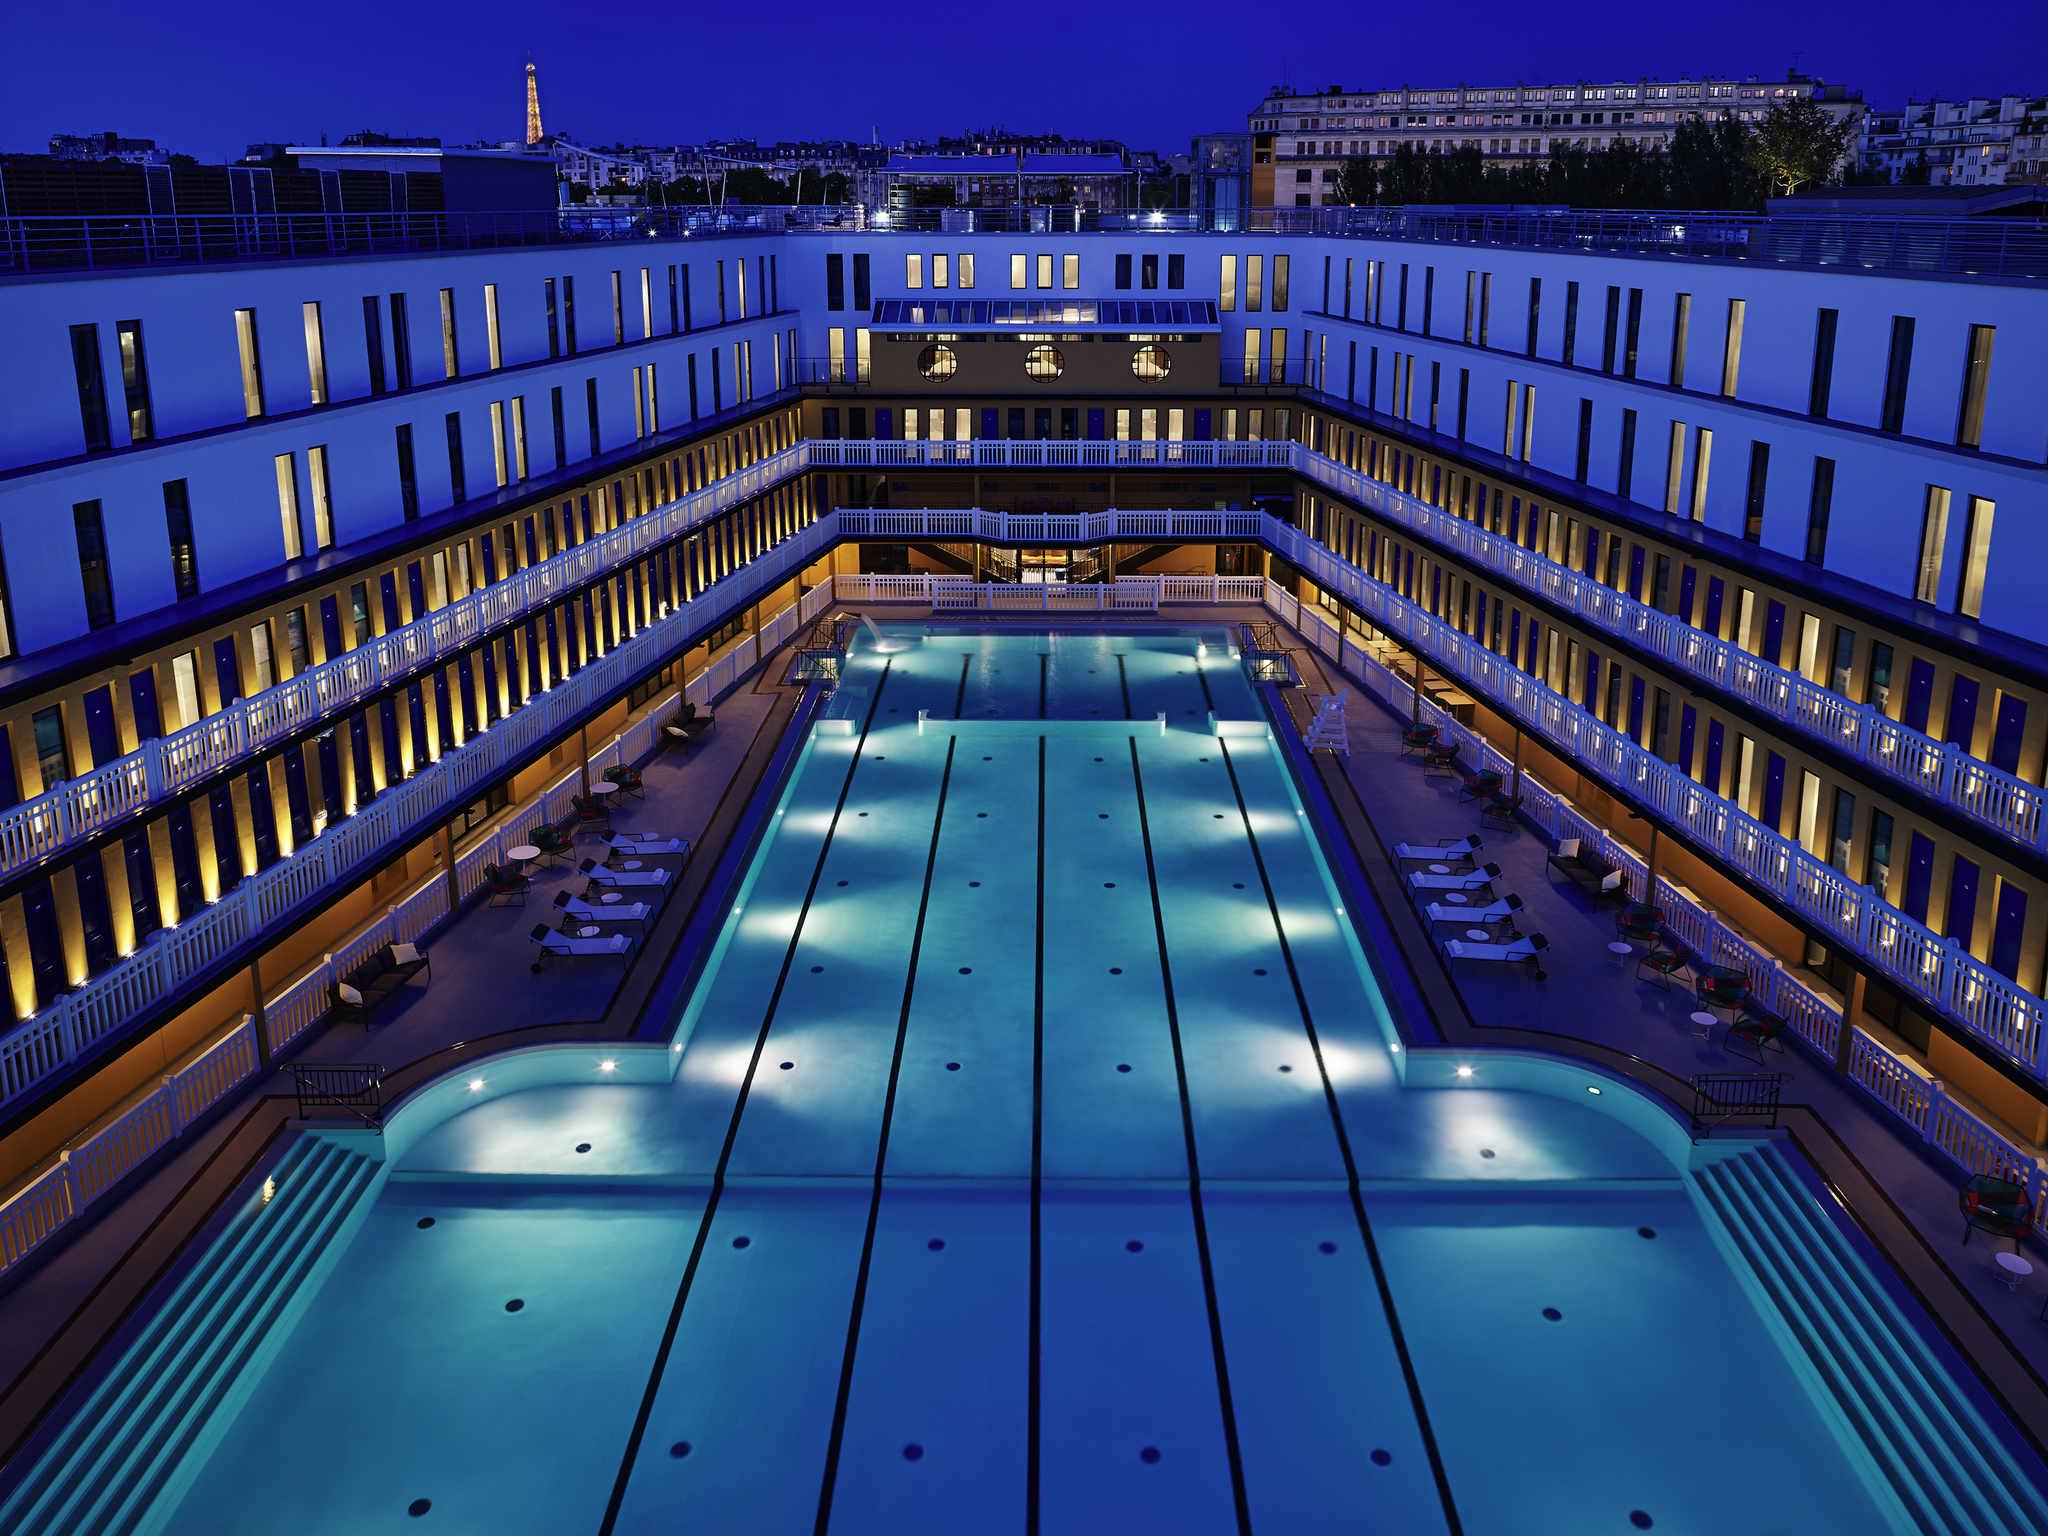 โรงแรม – โรงแรมโมลิเตอร์ ปารีส - เอ็มแกลเลอรี บาย โซฟิเทล